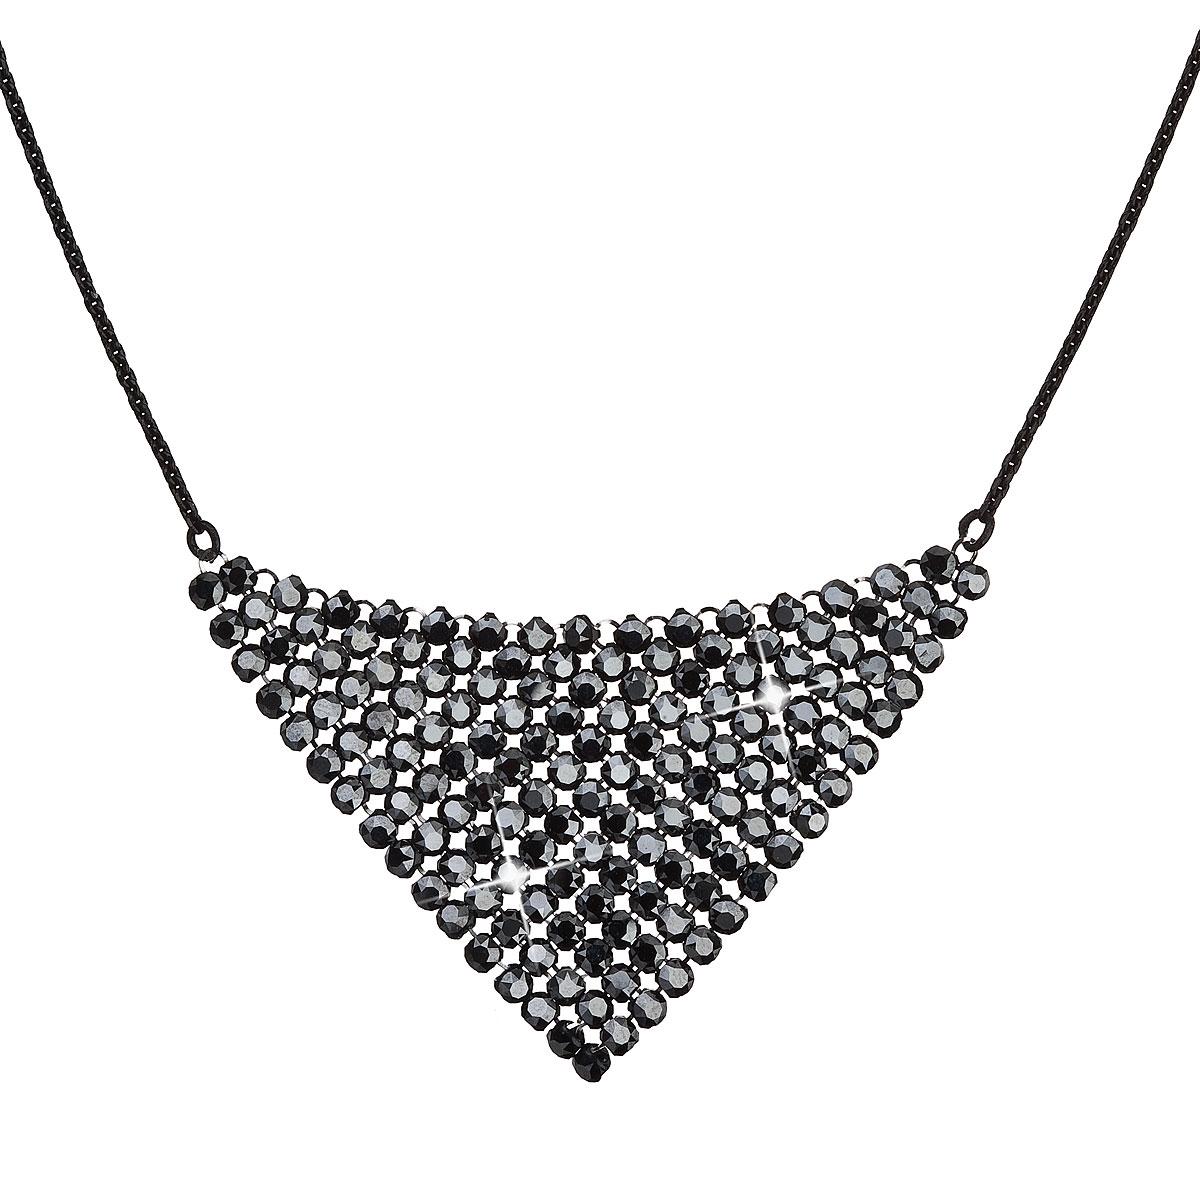 Strieborný náhrdelník s kryštálmi Crystals from Swarovski ® Black